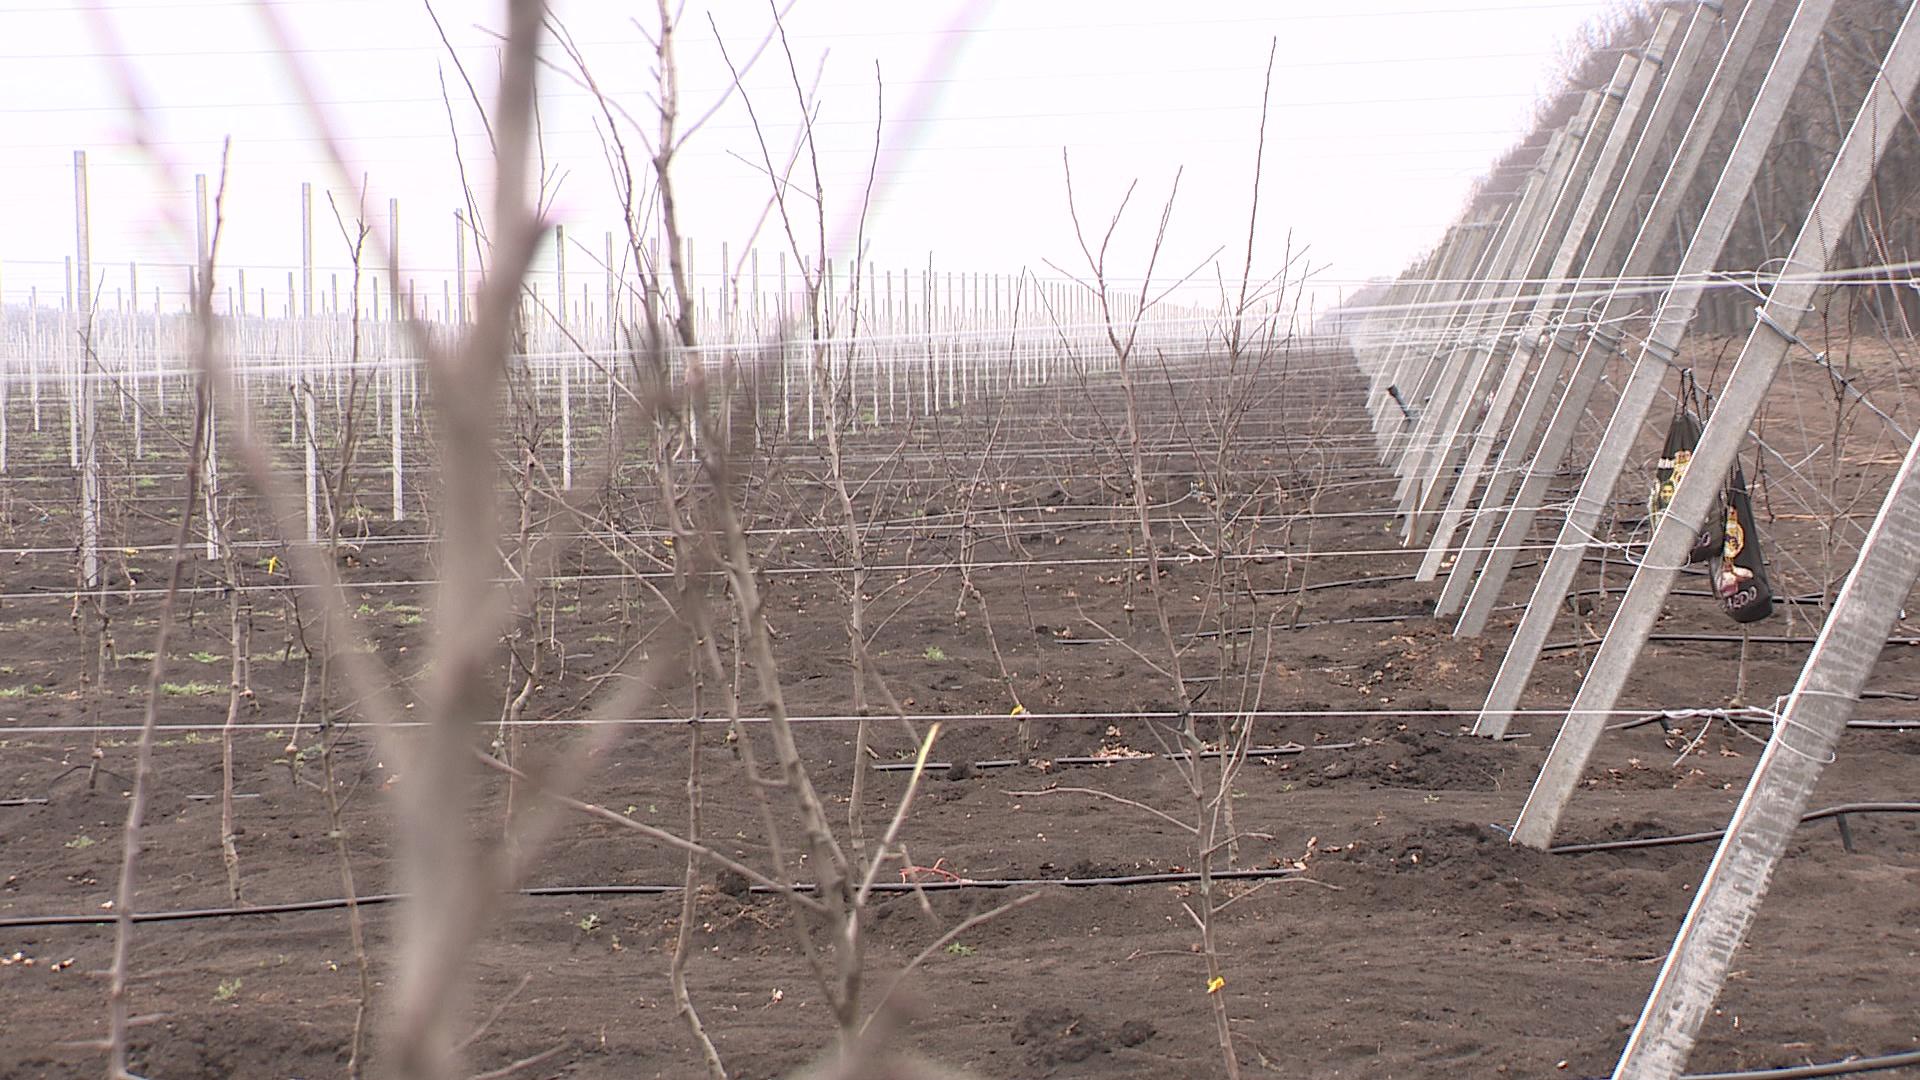 «Урожай может остаться в полях». Из-за пандемии воронежские фермеры лишились рабочих